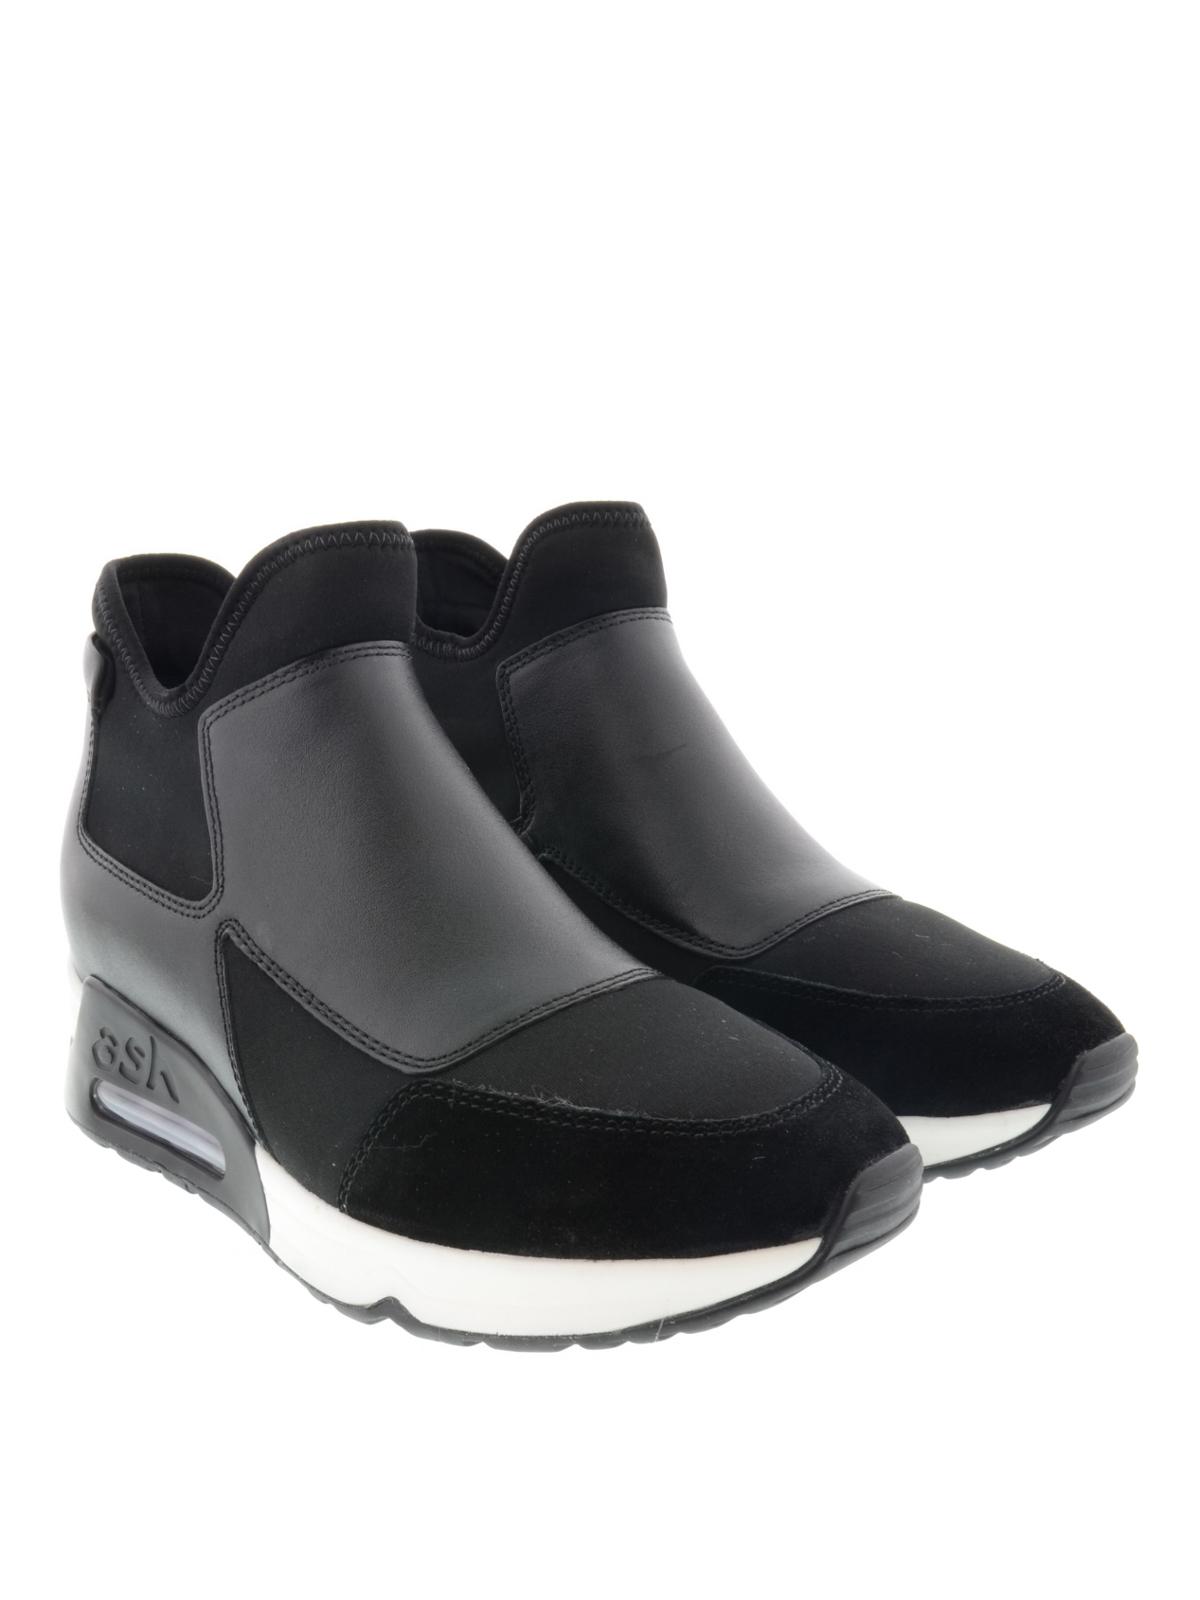 Femme Pour Noir De Ash Black Baskets Sport Lazer Chaussures thQCdxrs